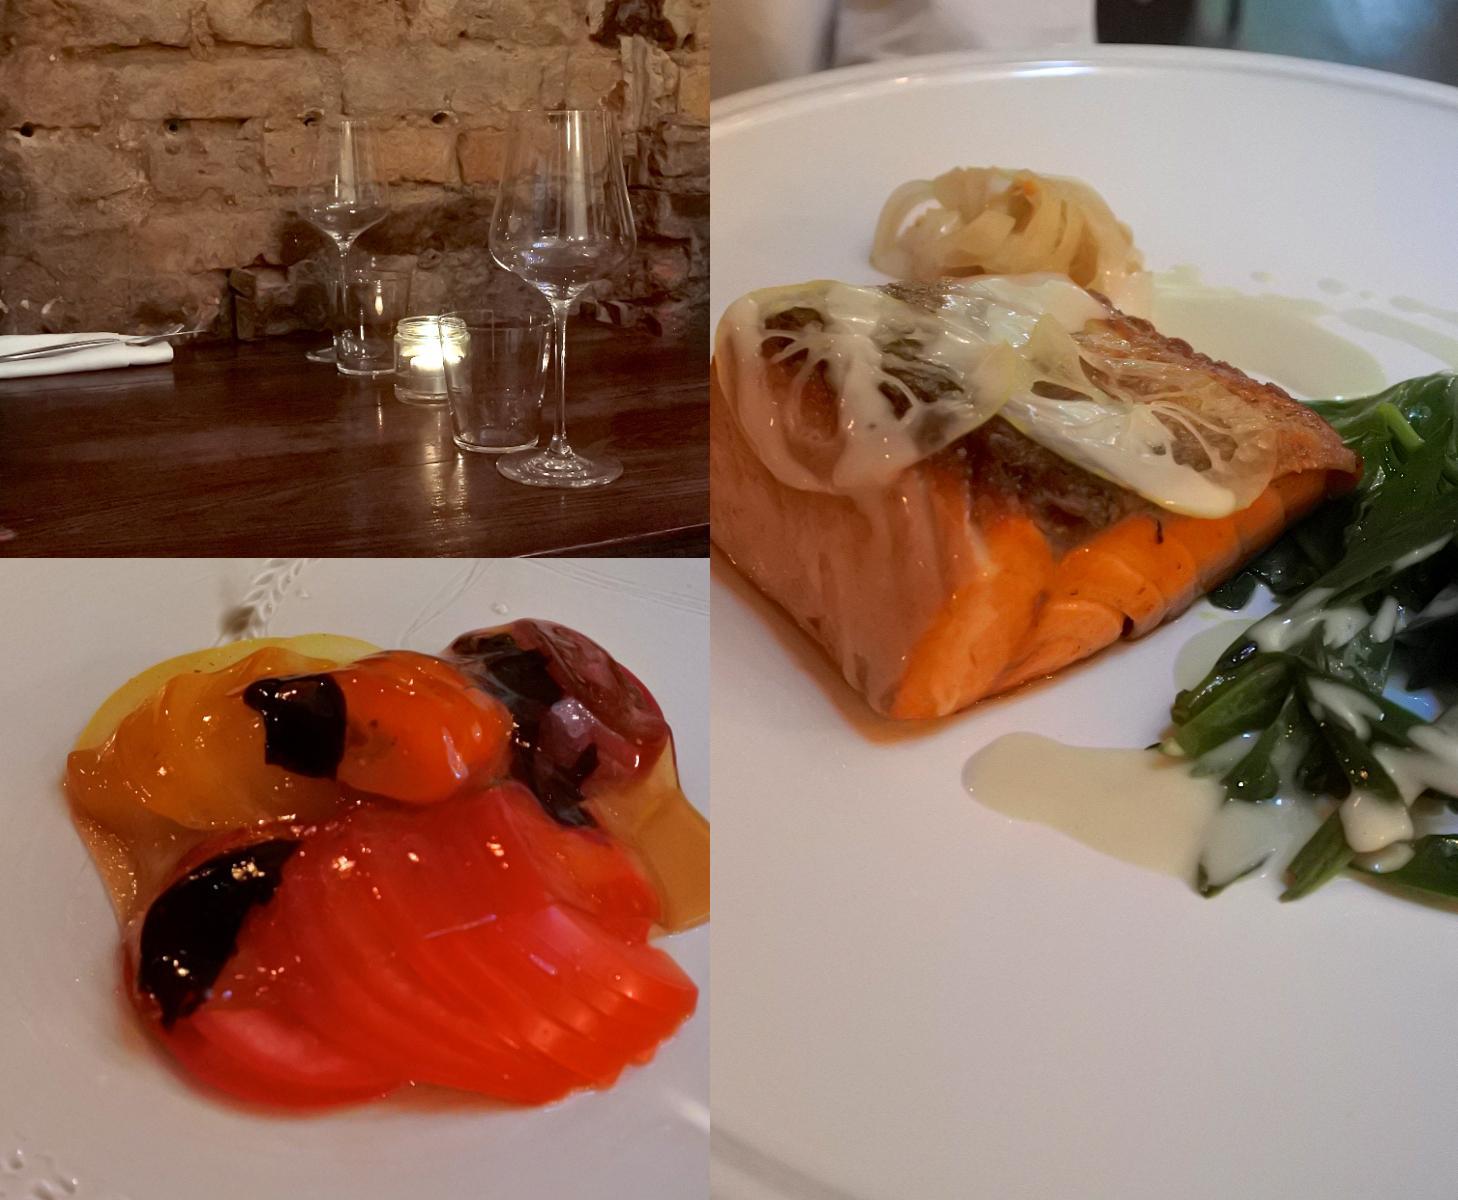 コンソメ・ゼリーをかぶせたトマト・サラダ(左下)とサーモンのソテー